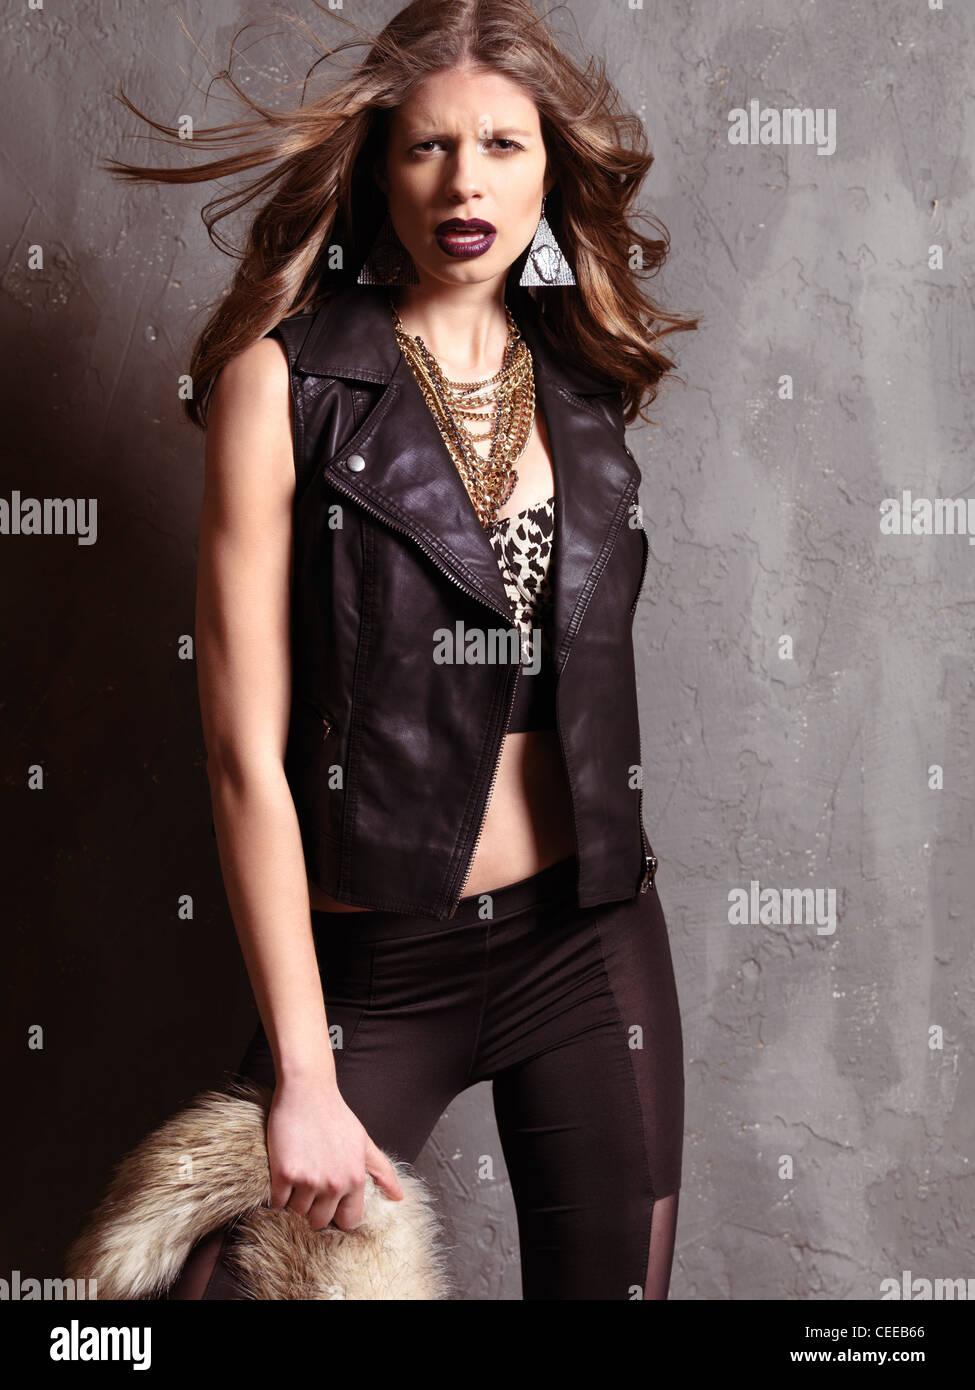 Trendige Modefoto einer jungen Frau, die 1990er Jahre Grunge Mode Stil  Kleidung zu tragen 317feb85cb